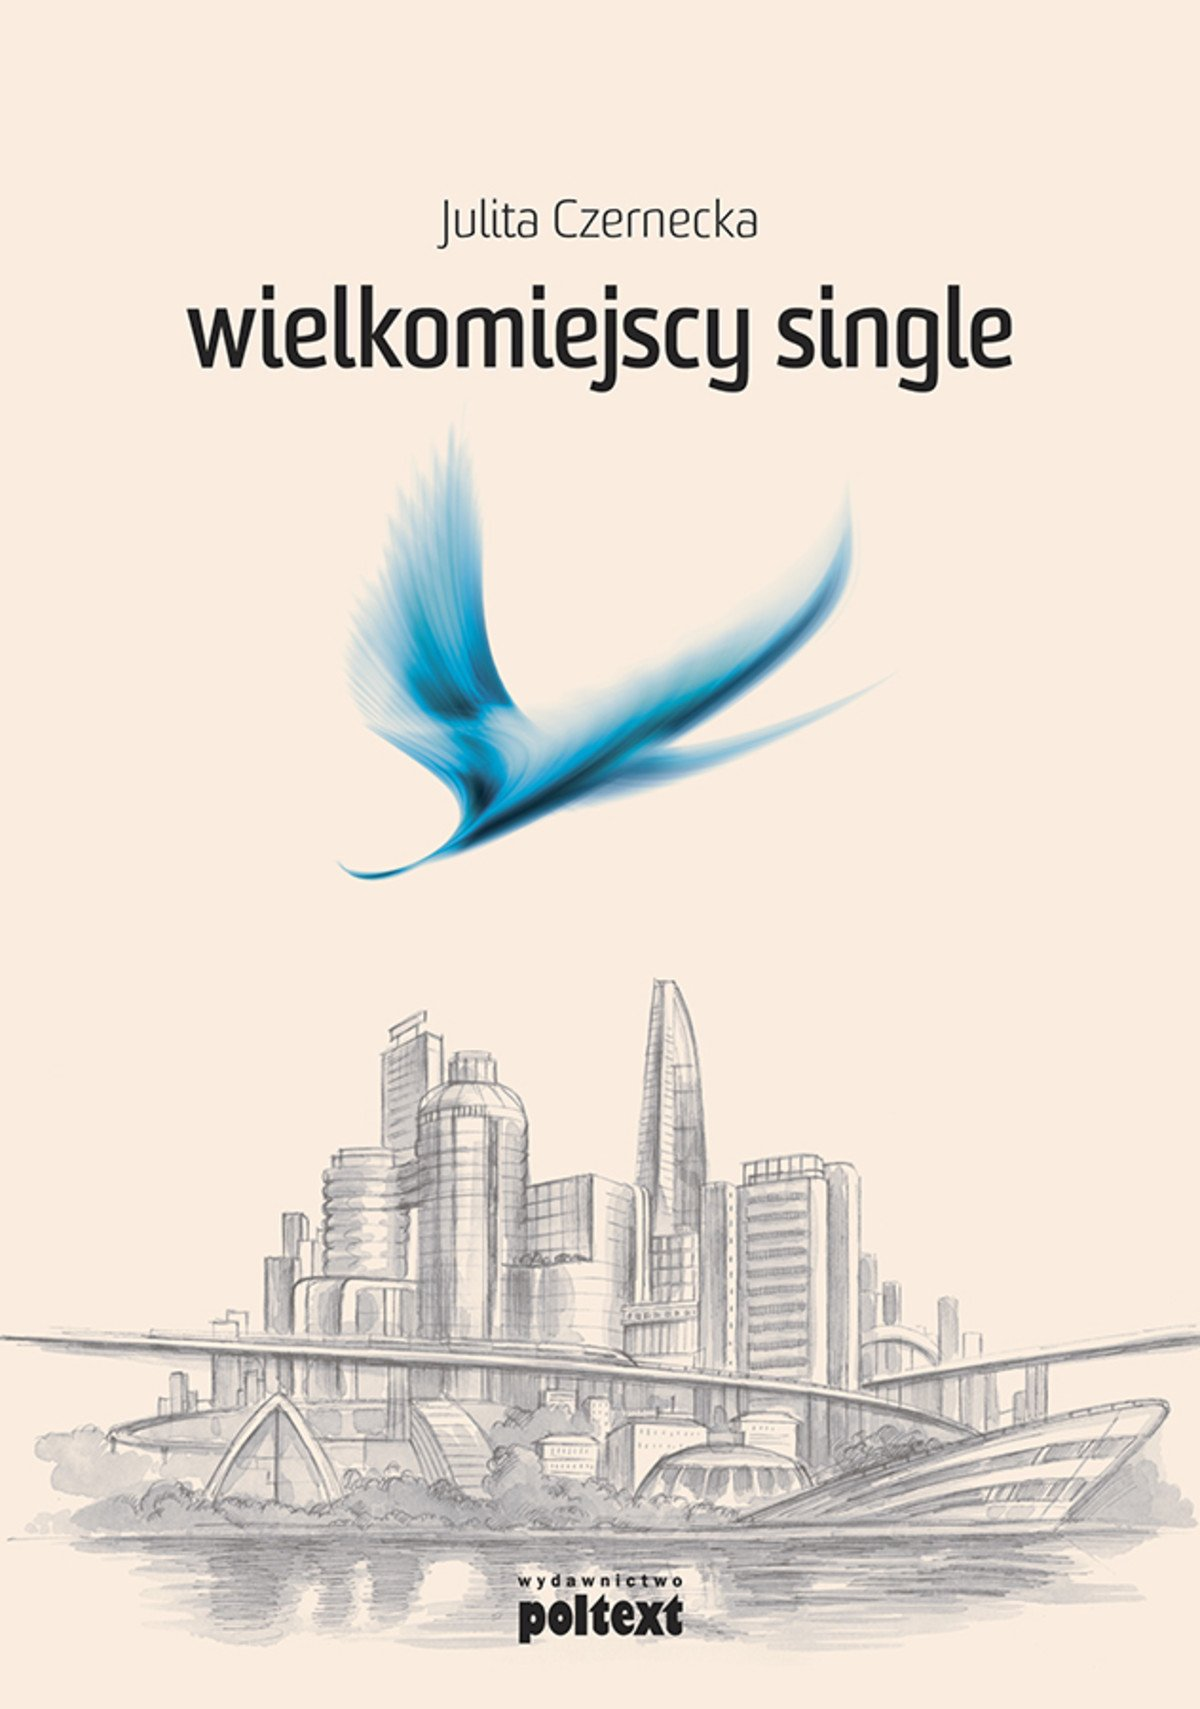 Wielkomiejscy single - Ebook (Książka EPUB) do pobrania w formacie EPUB